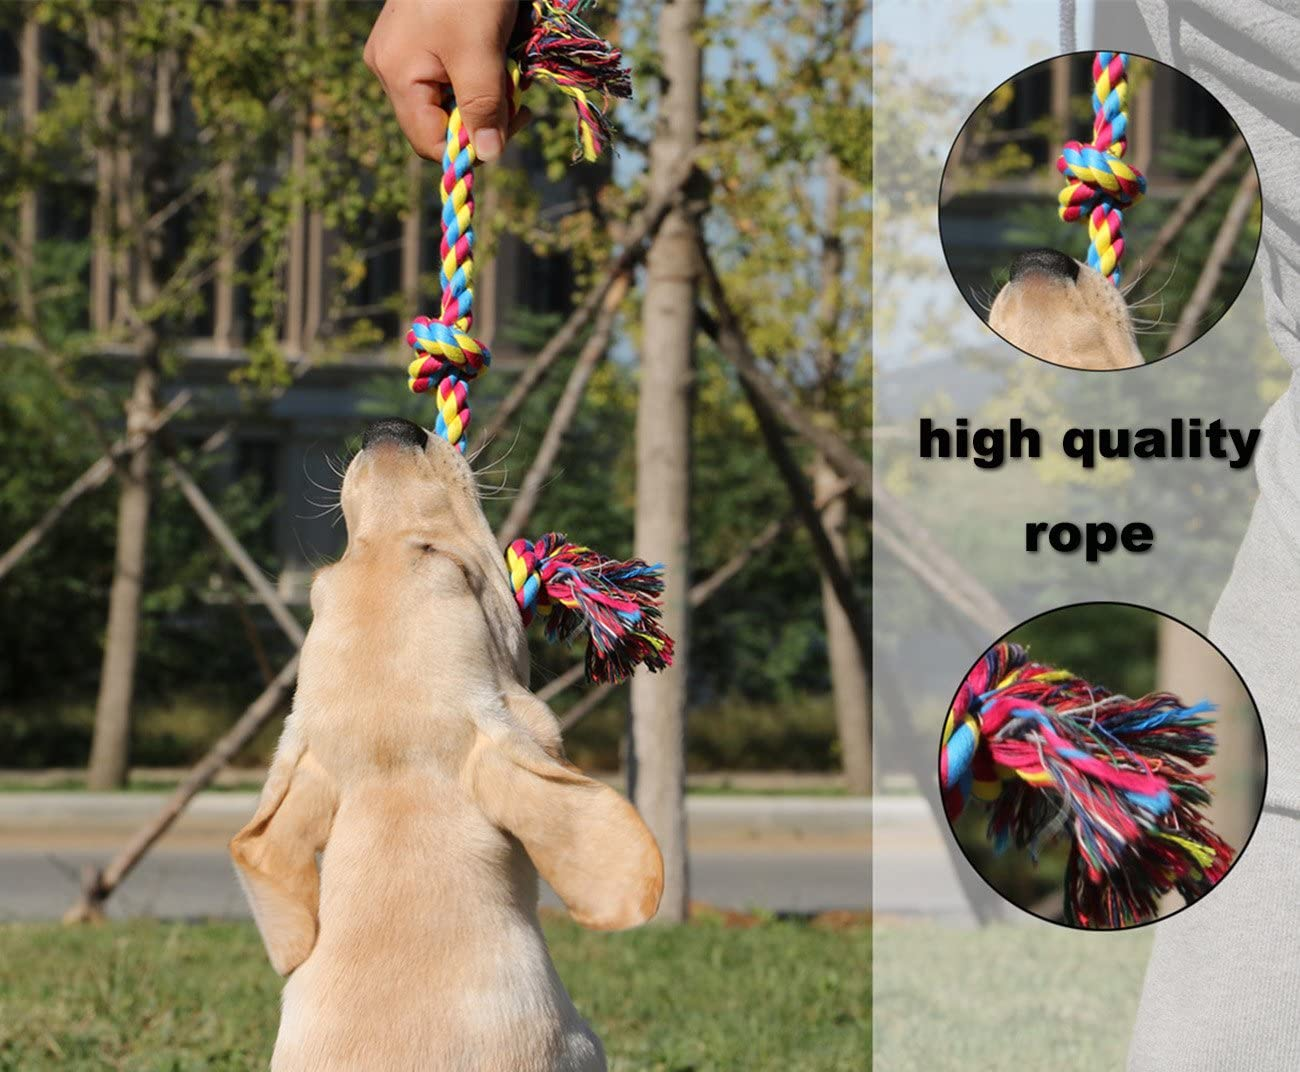 confezione di 3 corde da gioco per cani Tailmate resistenti e per giocare al tiro alla fune piccola, media e grande